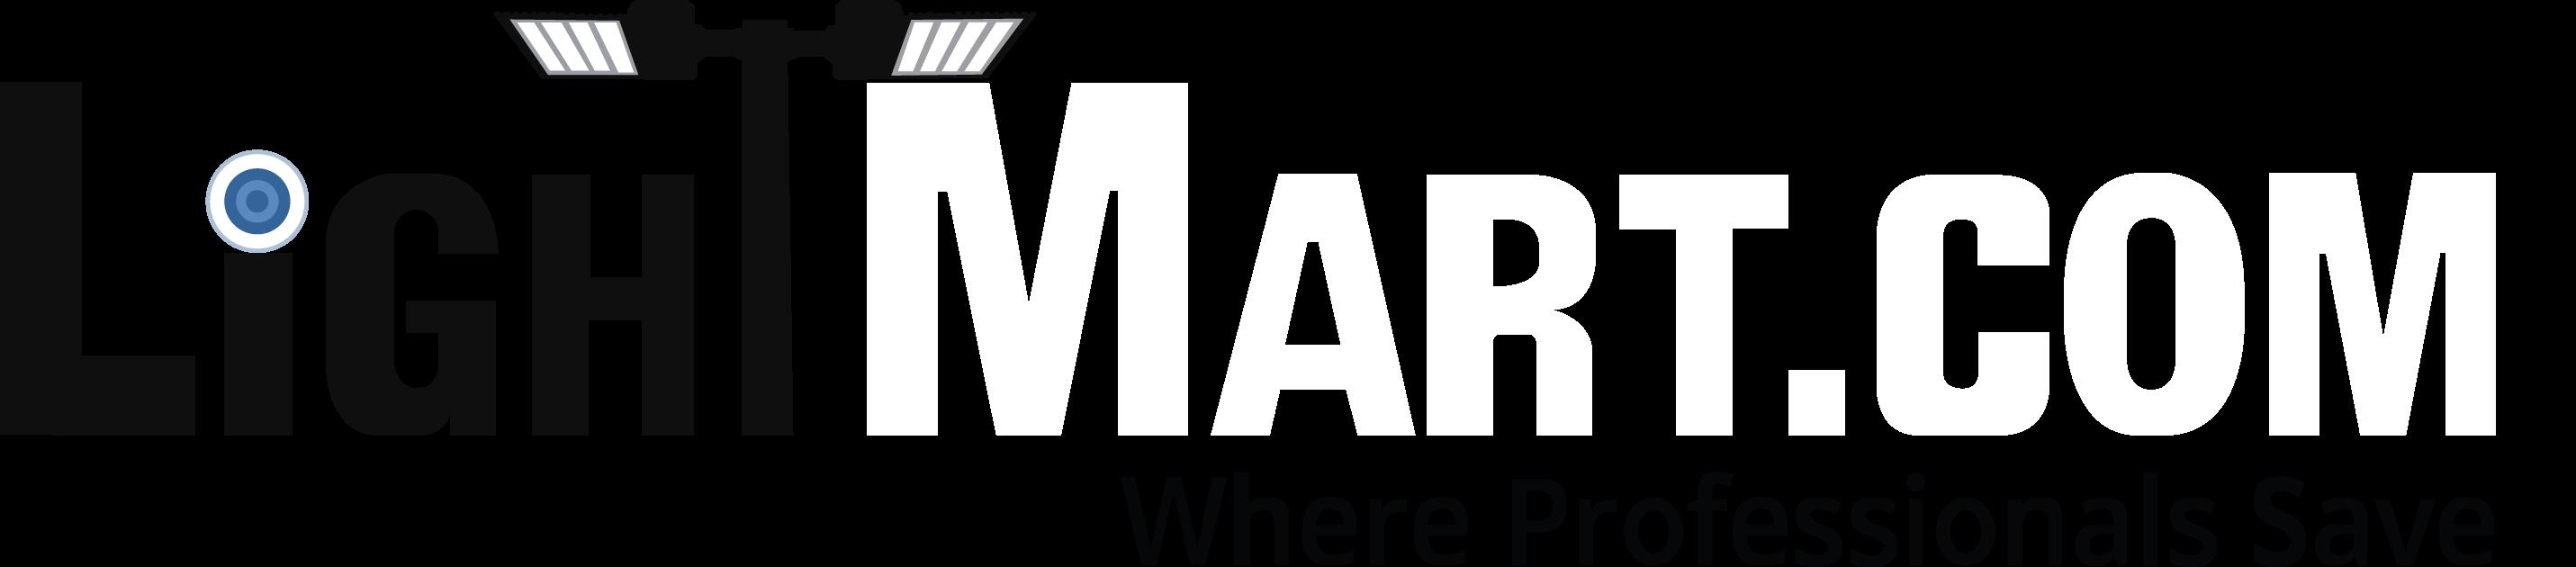 LightMartcom